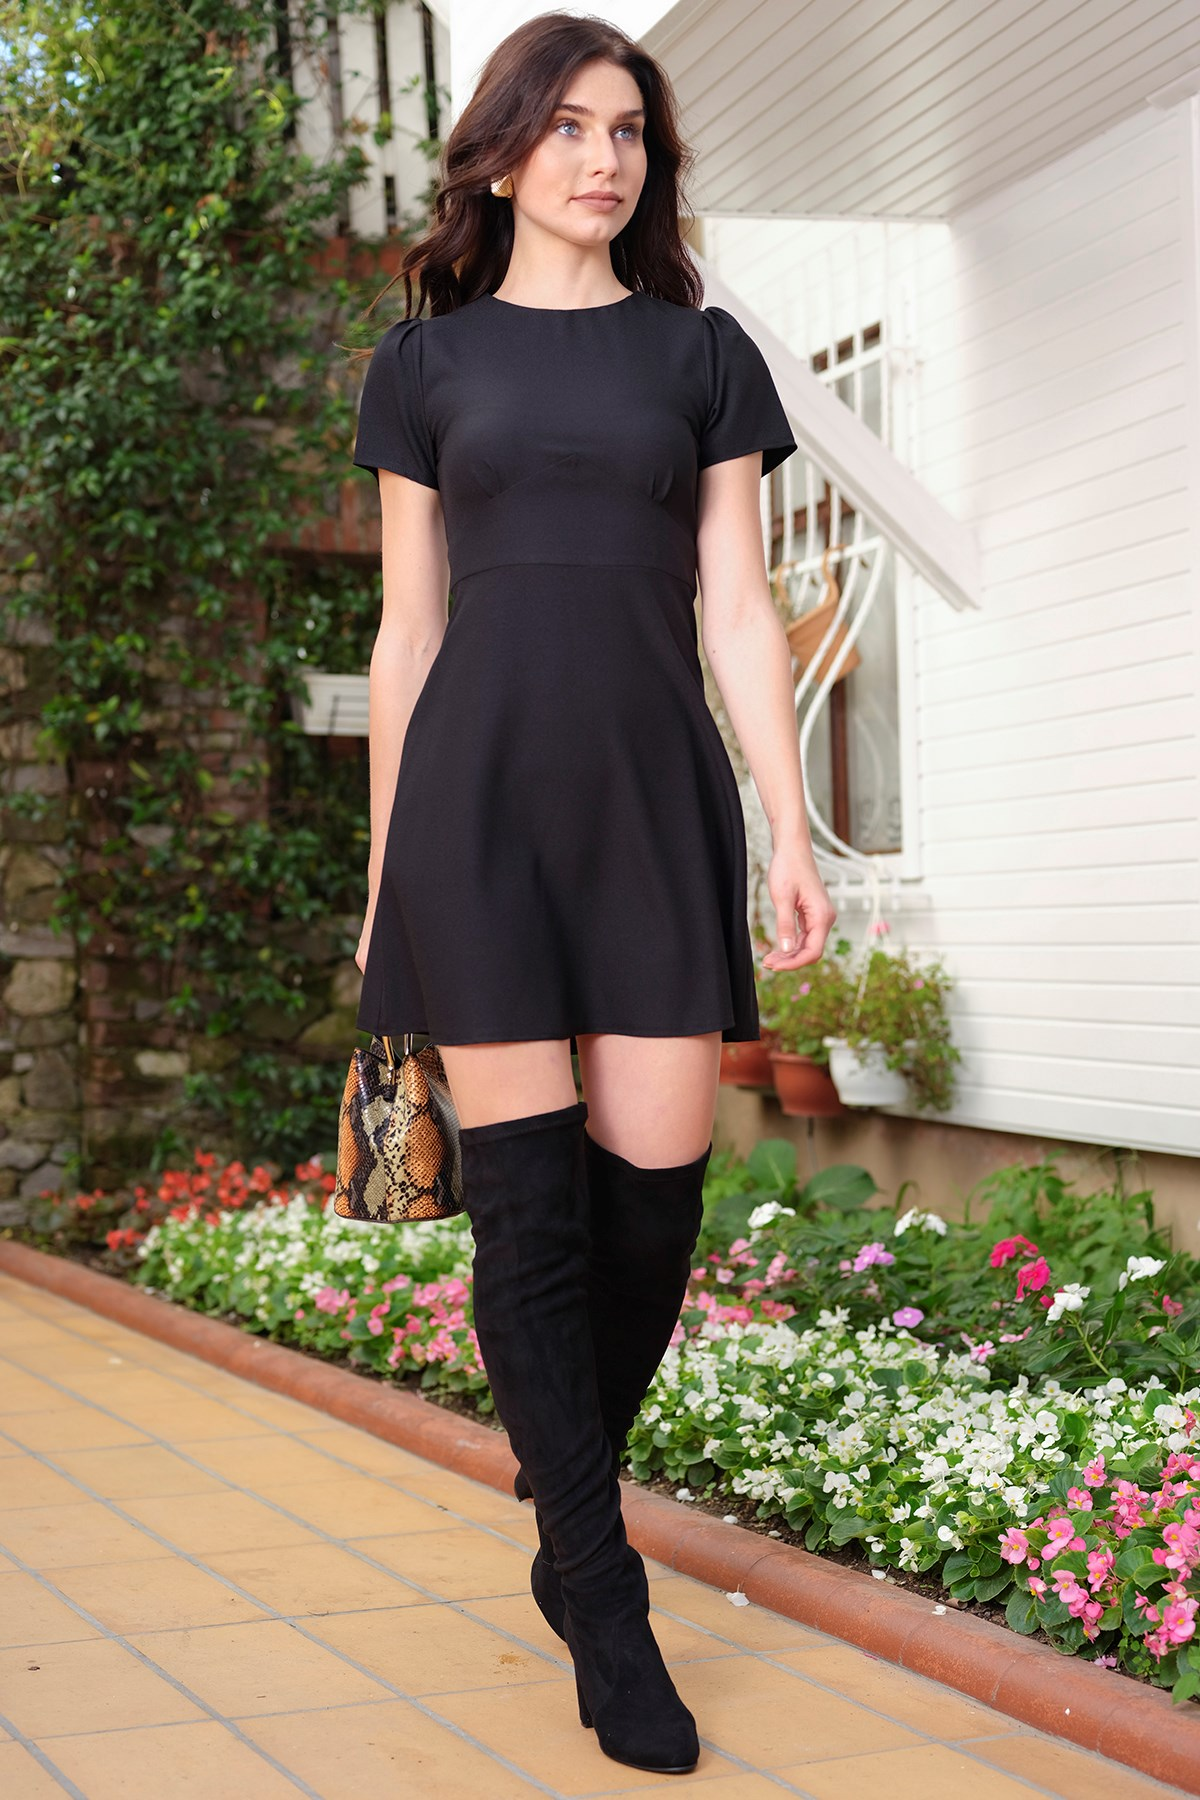 ironi-kisa-kollu-siyah-evaze-elbise_siyah-siyah_1_enbuyuk